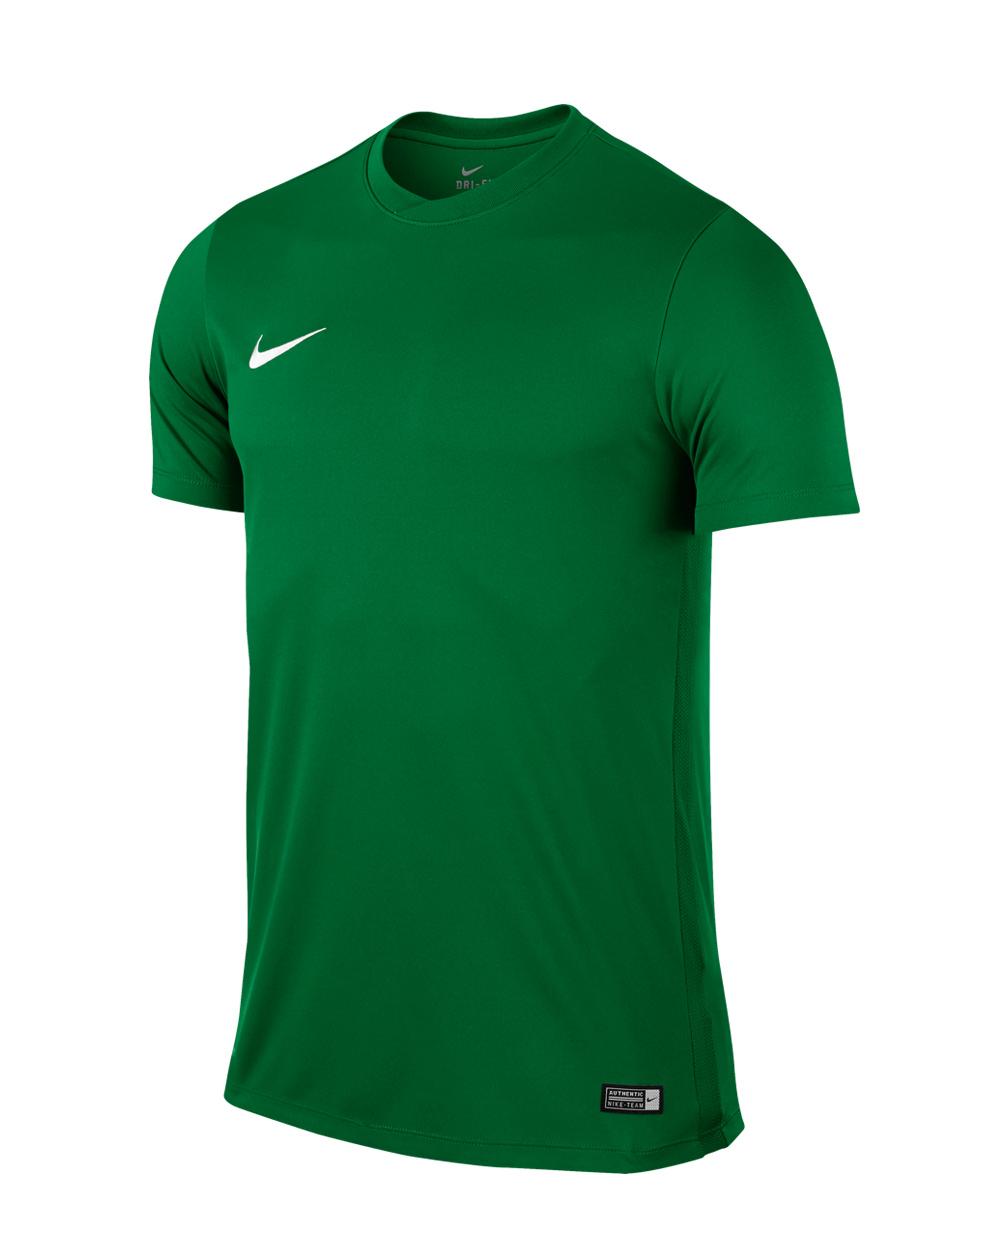 CAMISETA NIKE FUTBOL PARK VI KIDS VERDE - - Camisetas 28dc89fd52f6e